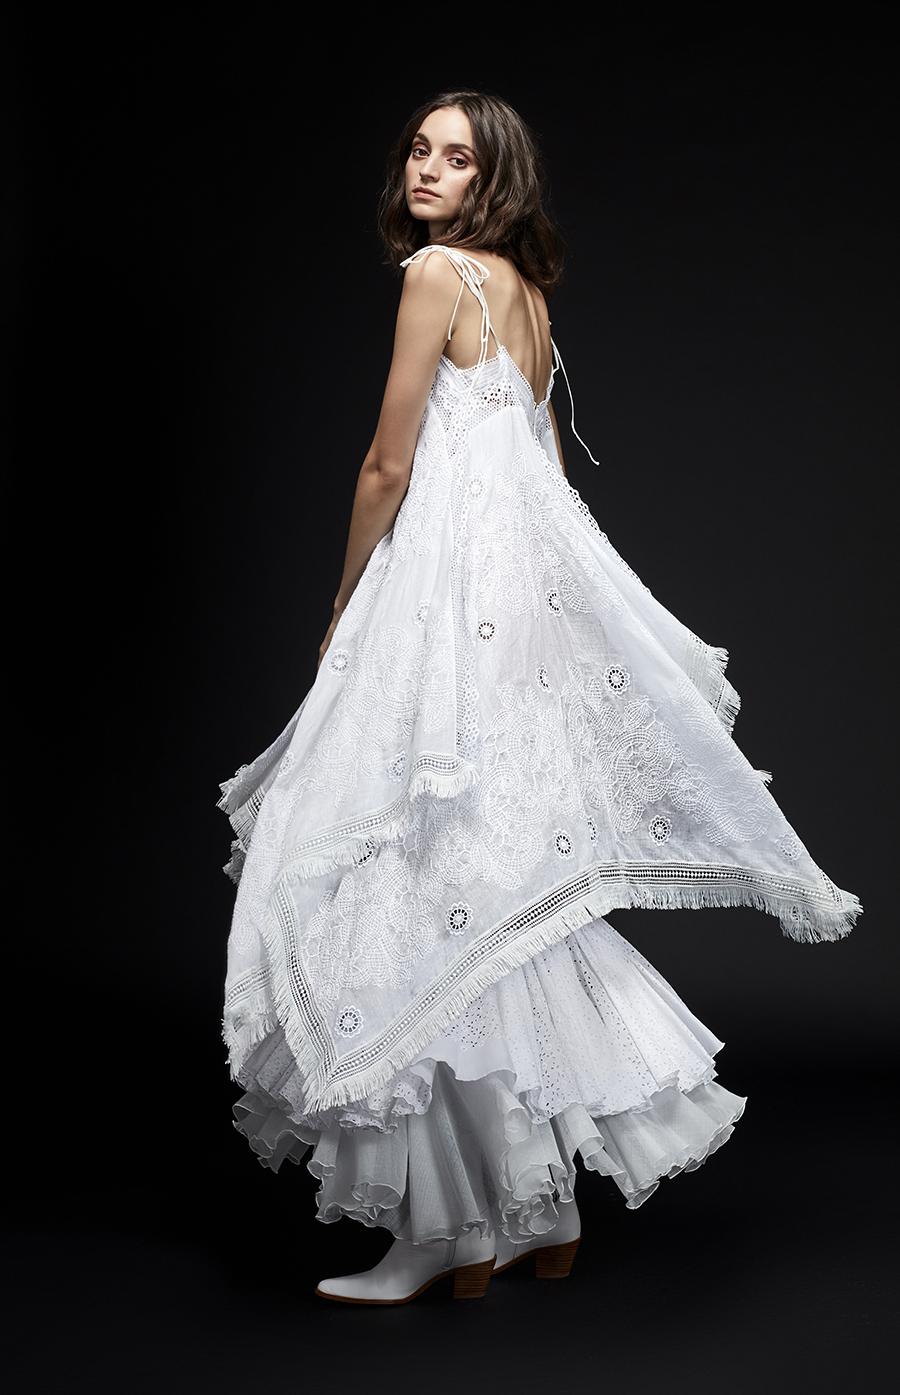 20-55_02 yolancris vestido foulards ibiza mediterraneo folk boho blanco evening RTW white dress